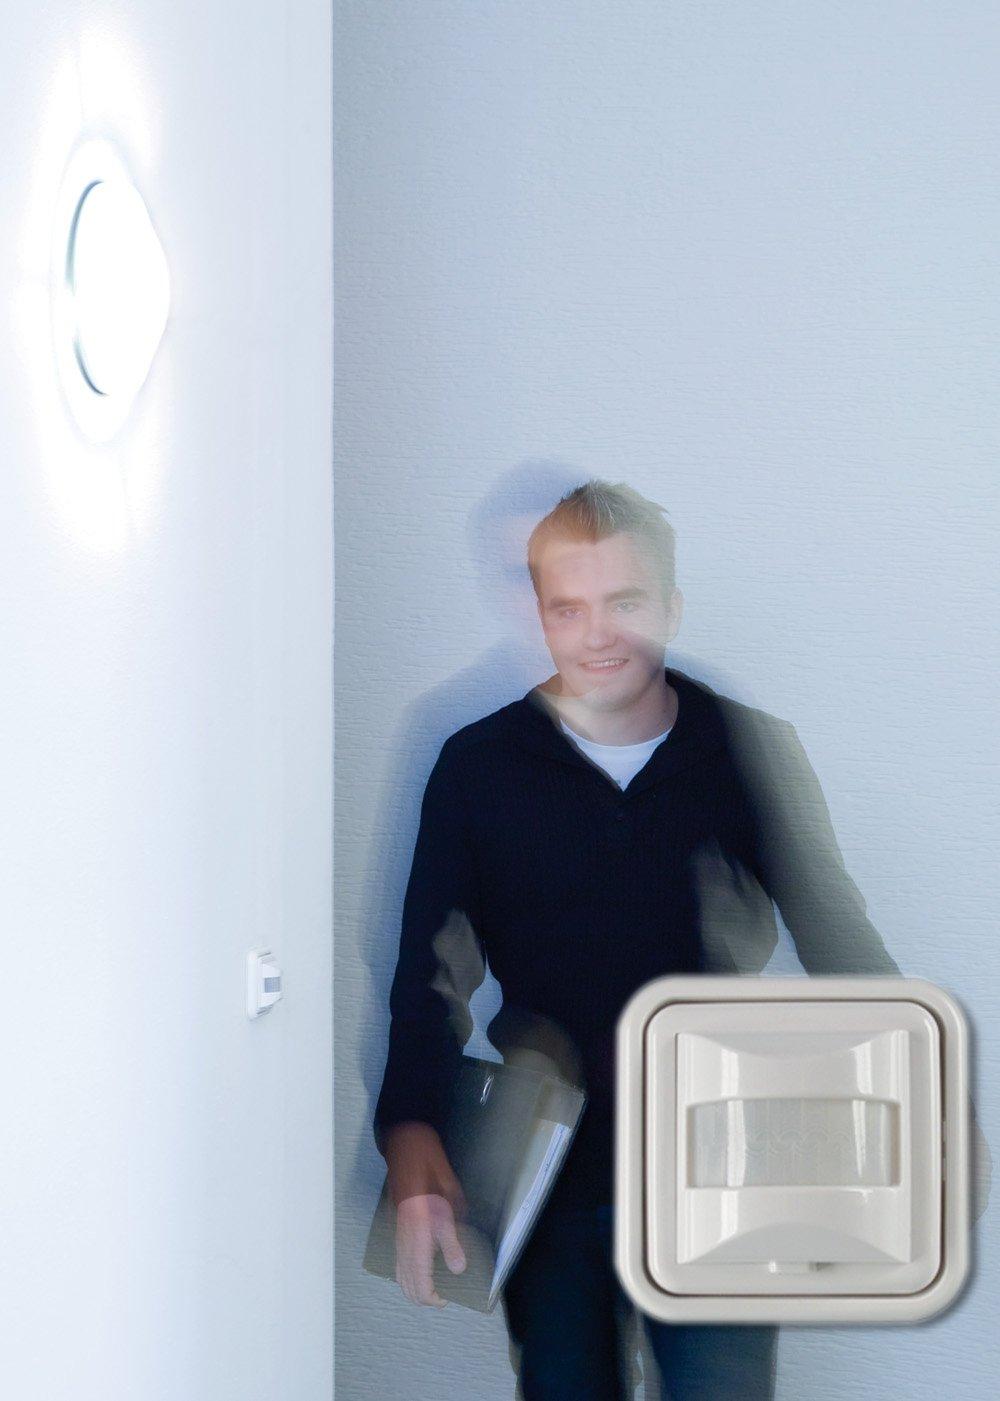 Kompetent Bewegungsmelder 500 W Licht Schalter Led Wand Einbau Infrarot Unterputz Weiß Sonstige